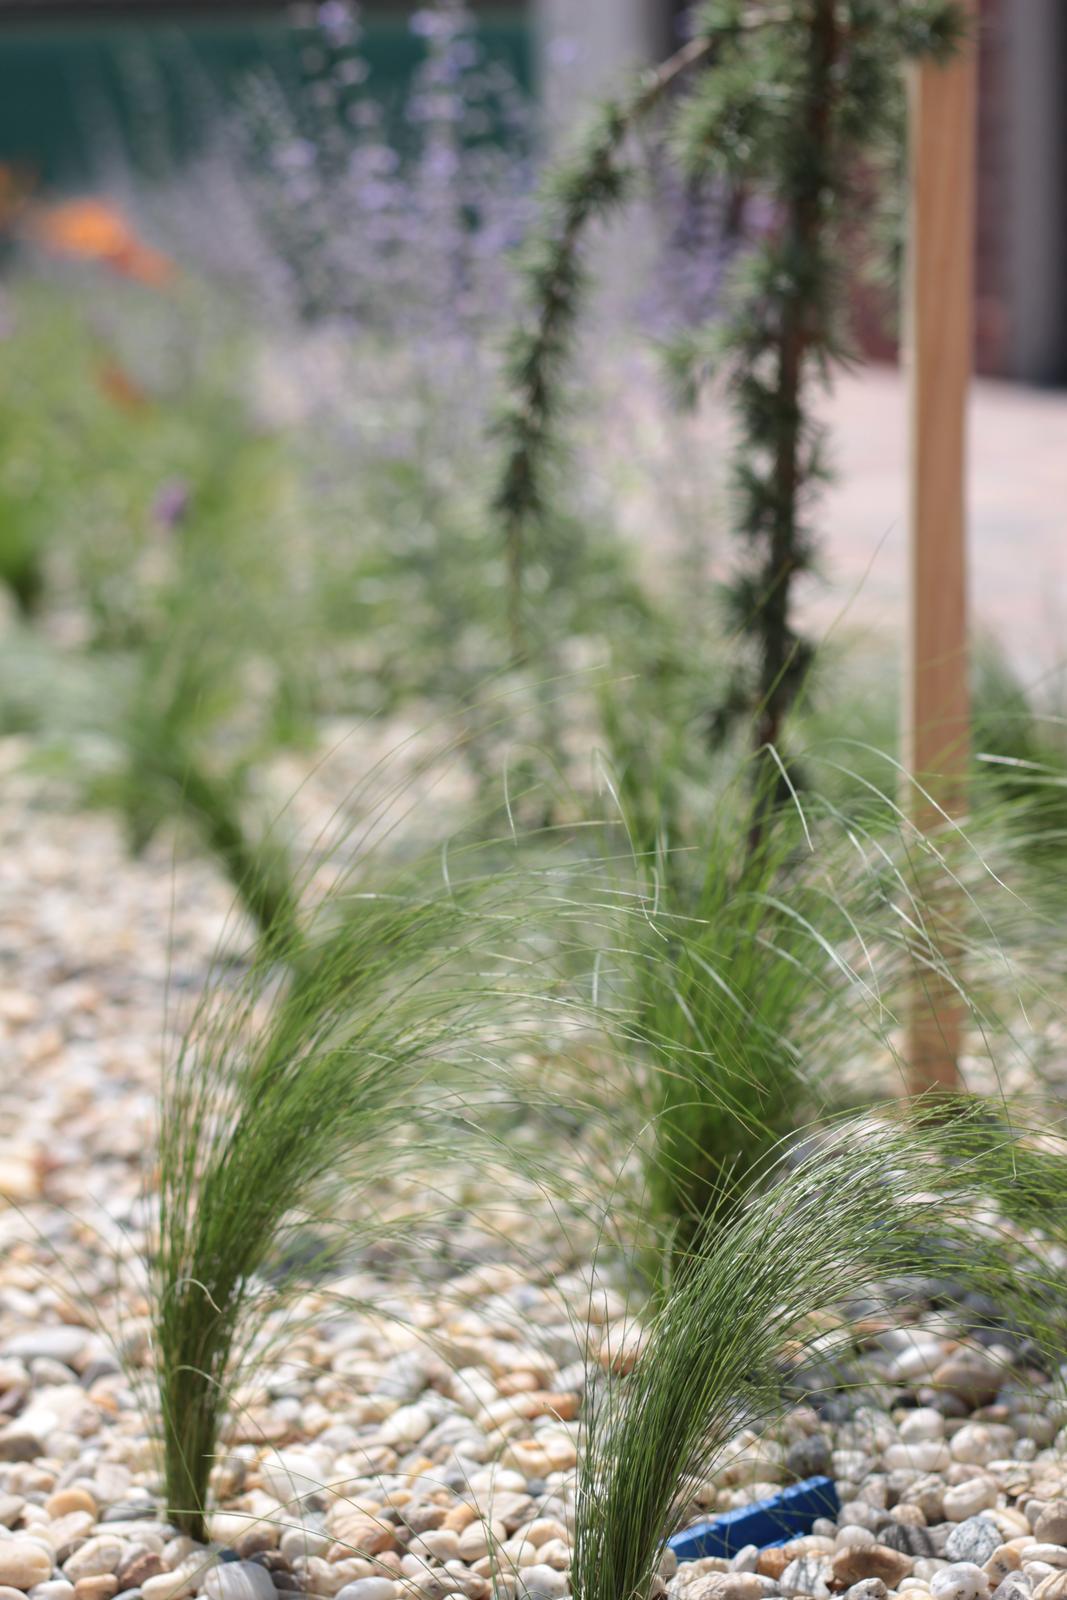 Exteriér - záhrada - Po 2 týždňoch